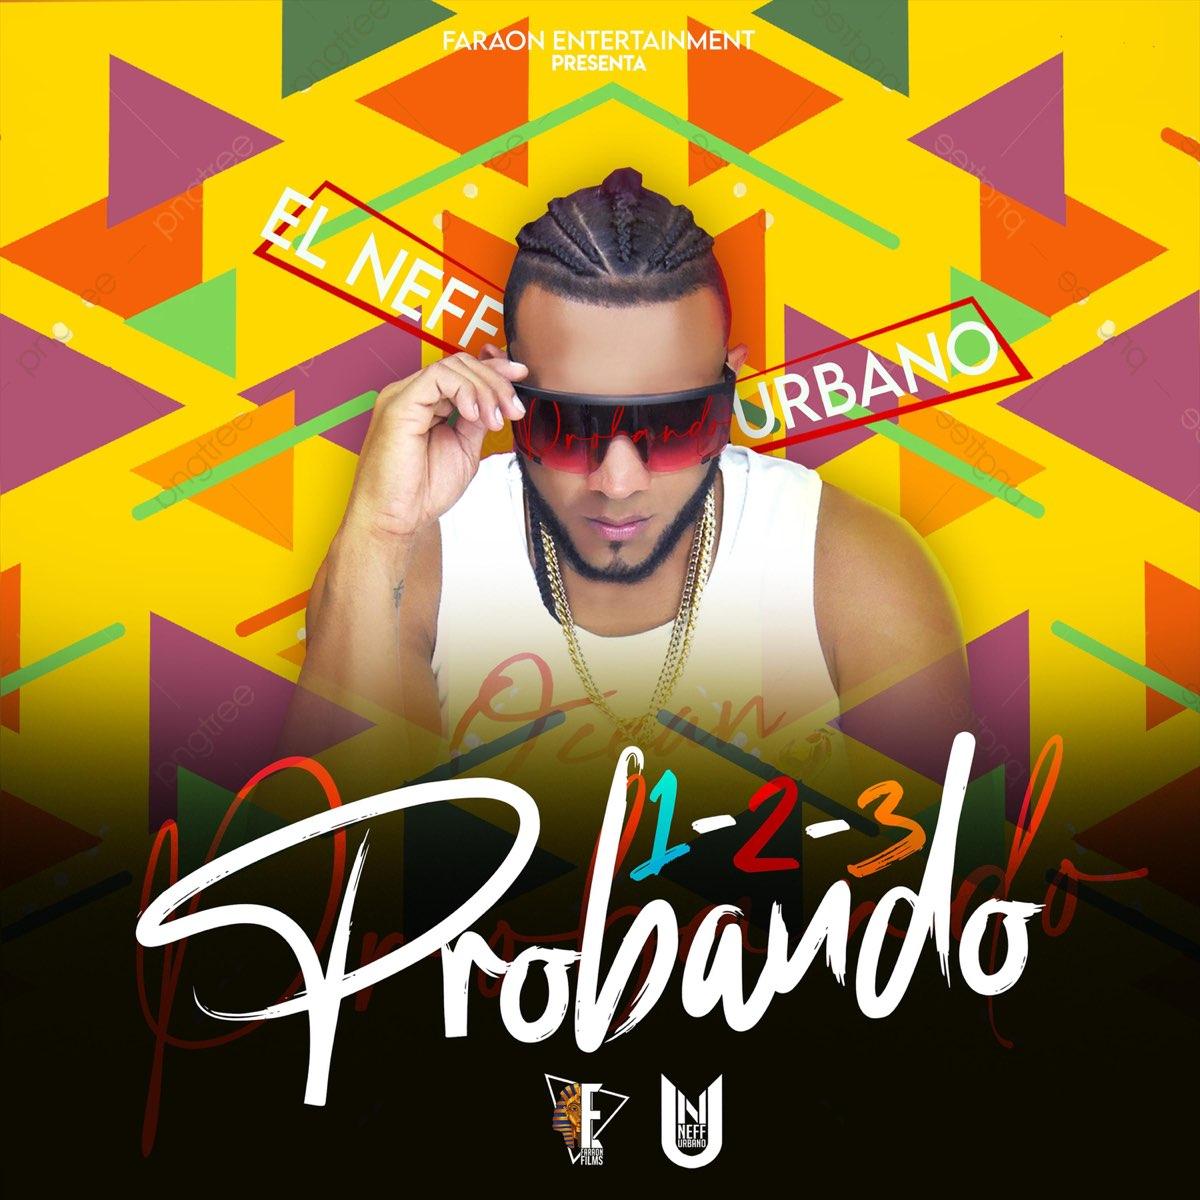 123 probando single by el neff urbano